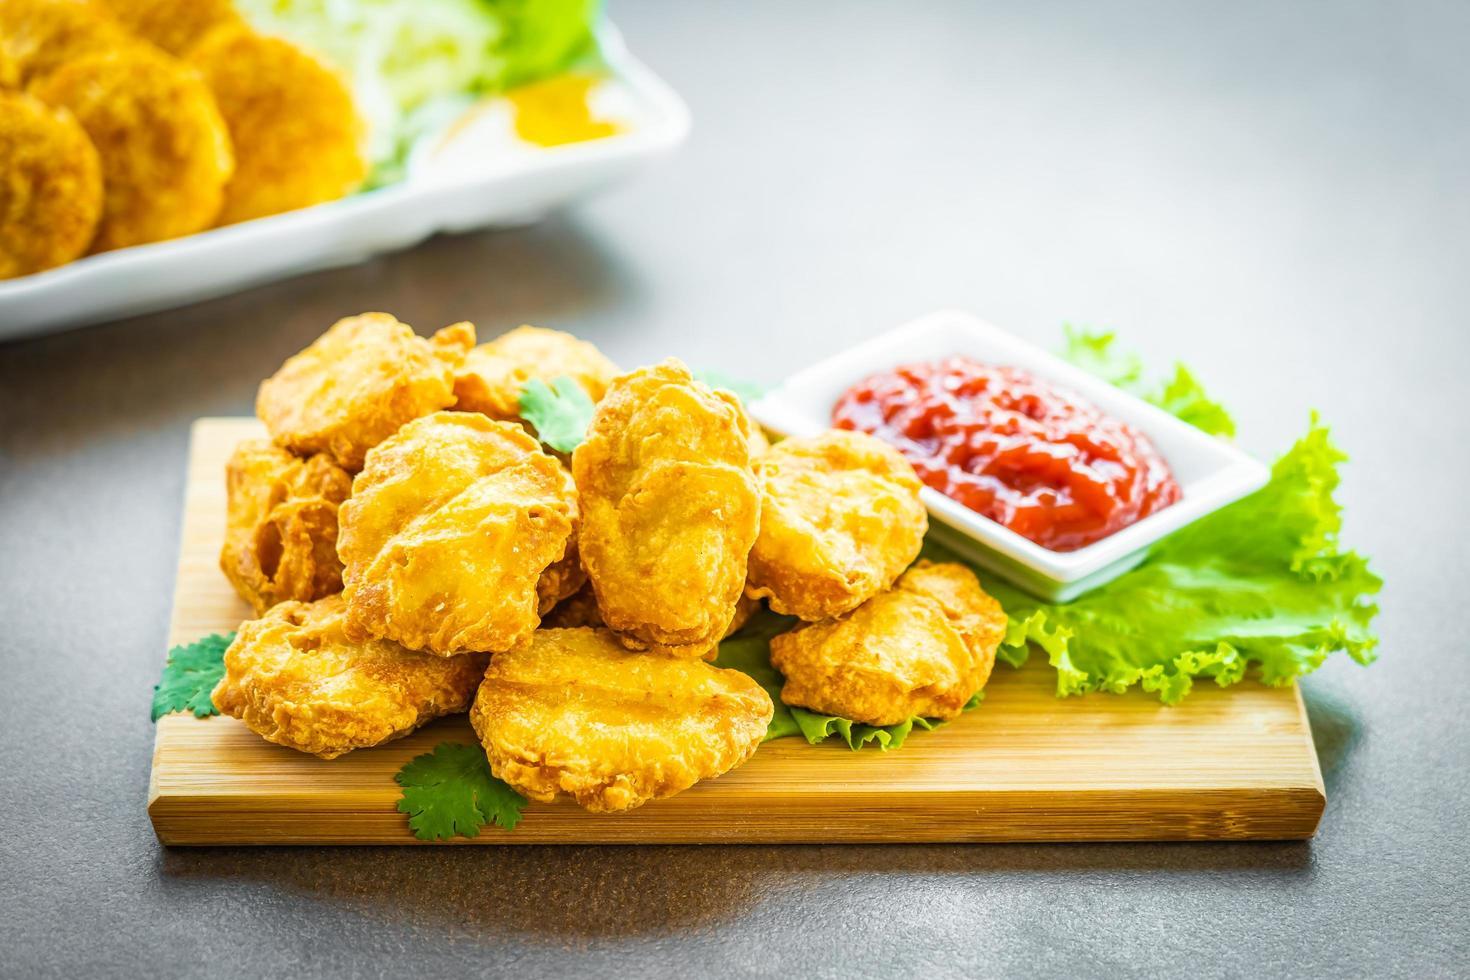 nuggets de poulet frits au ketchup photo